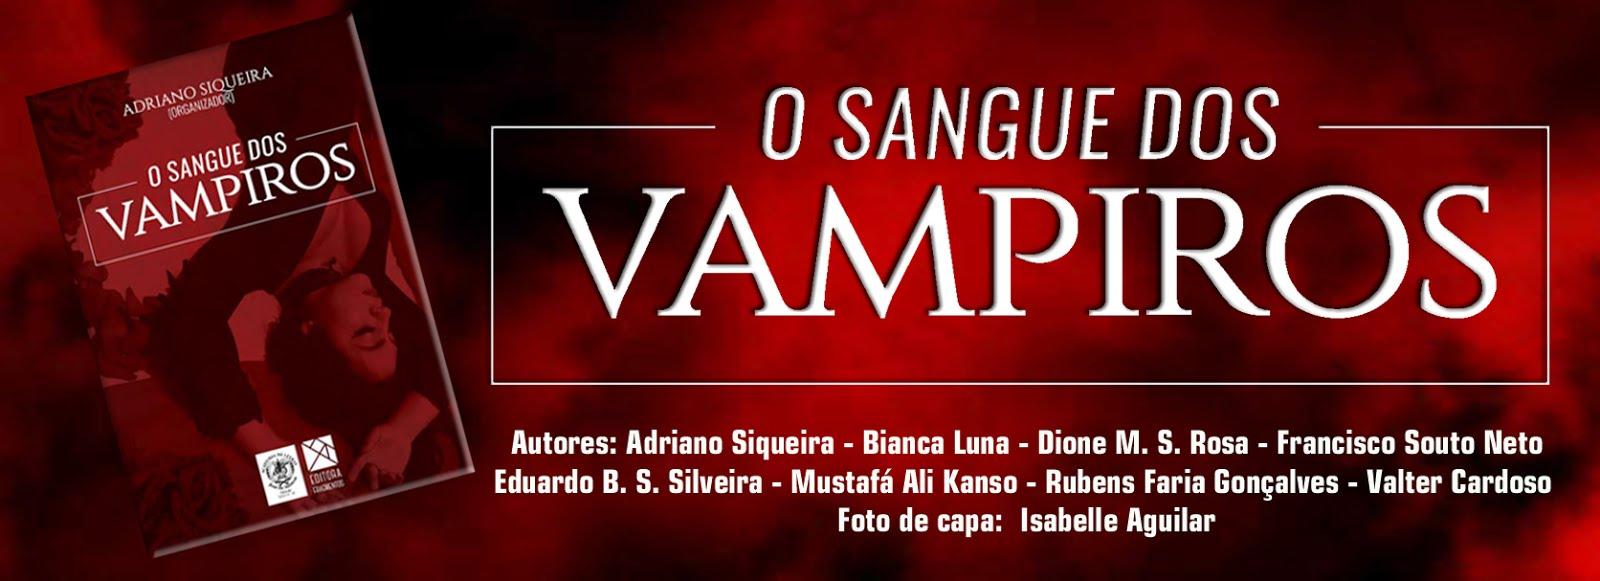 O Sangue dos Vampiros - clique aqui